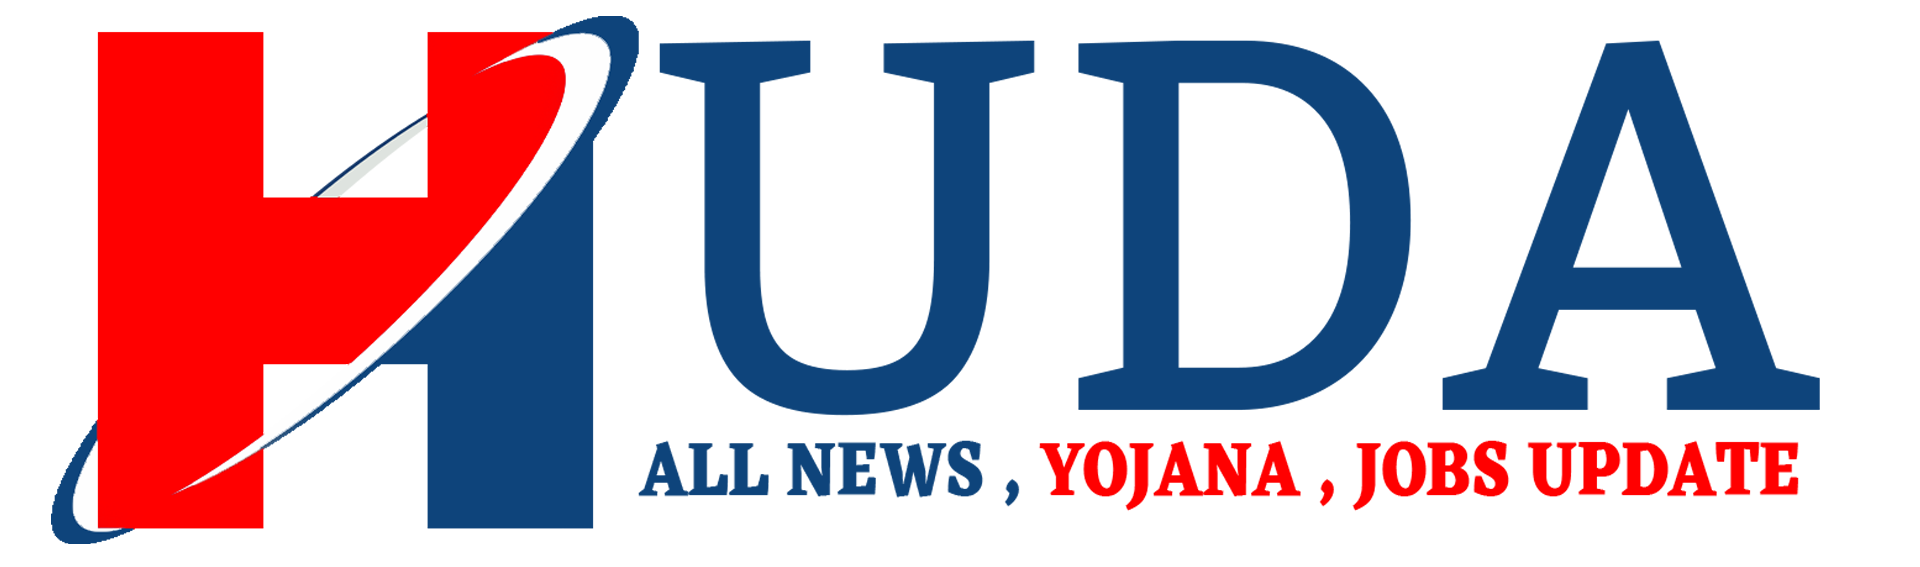 All News,Yojana Jobs Update